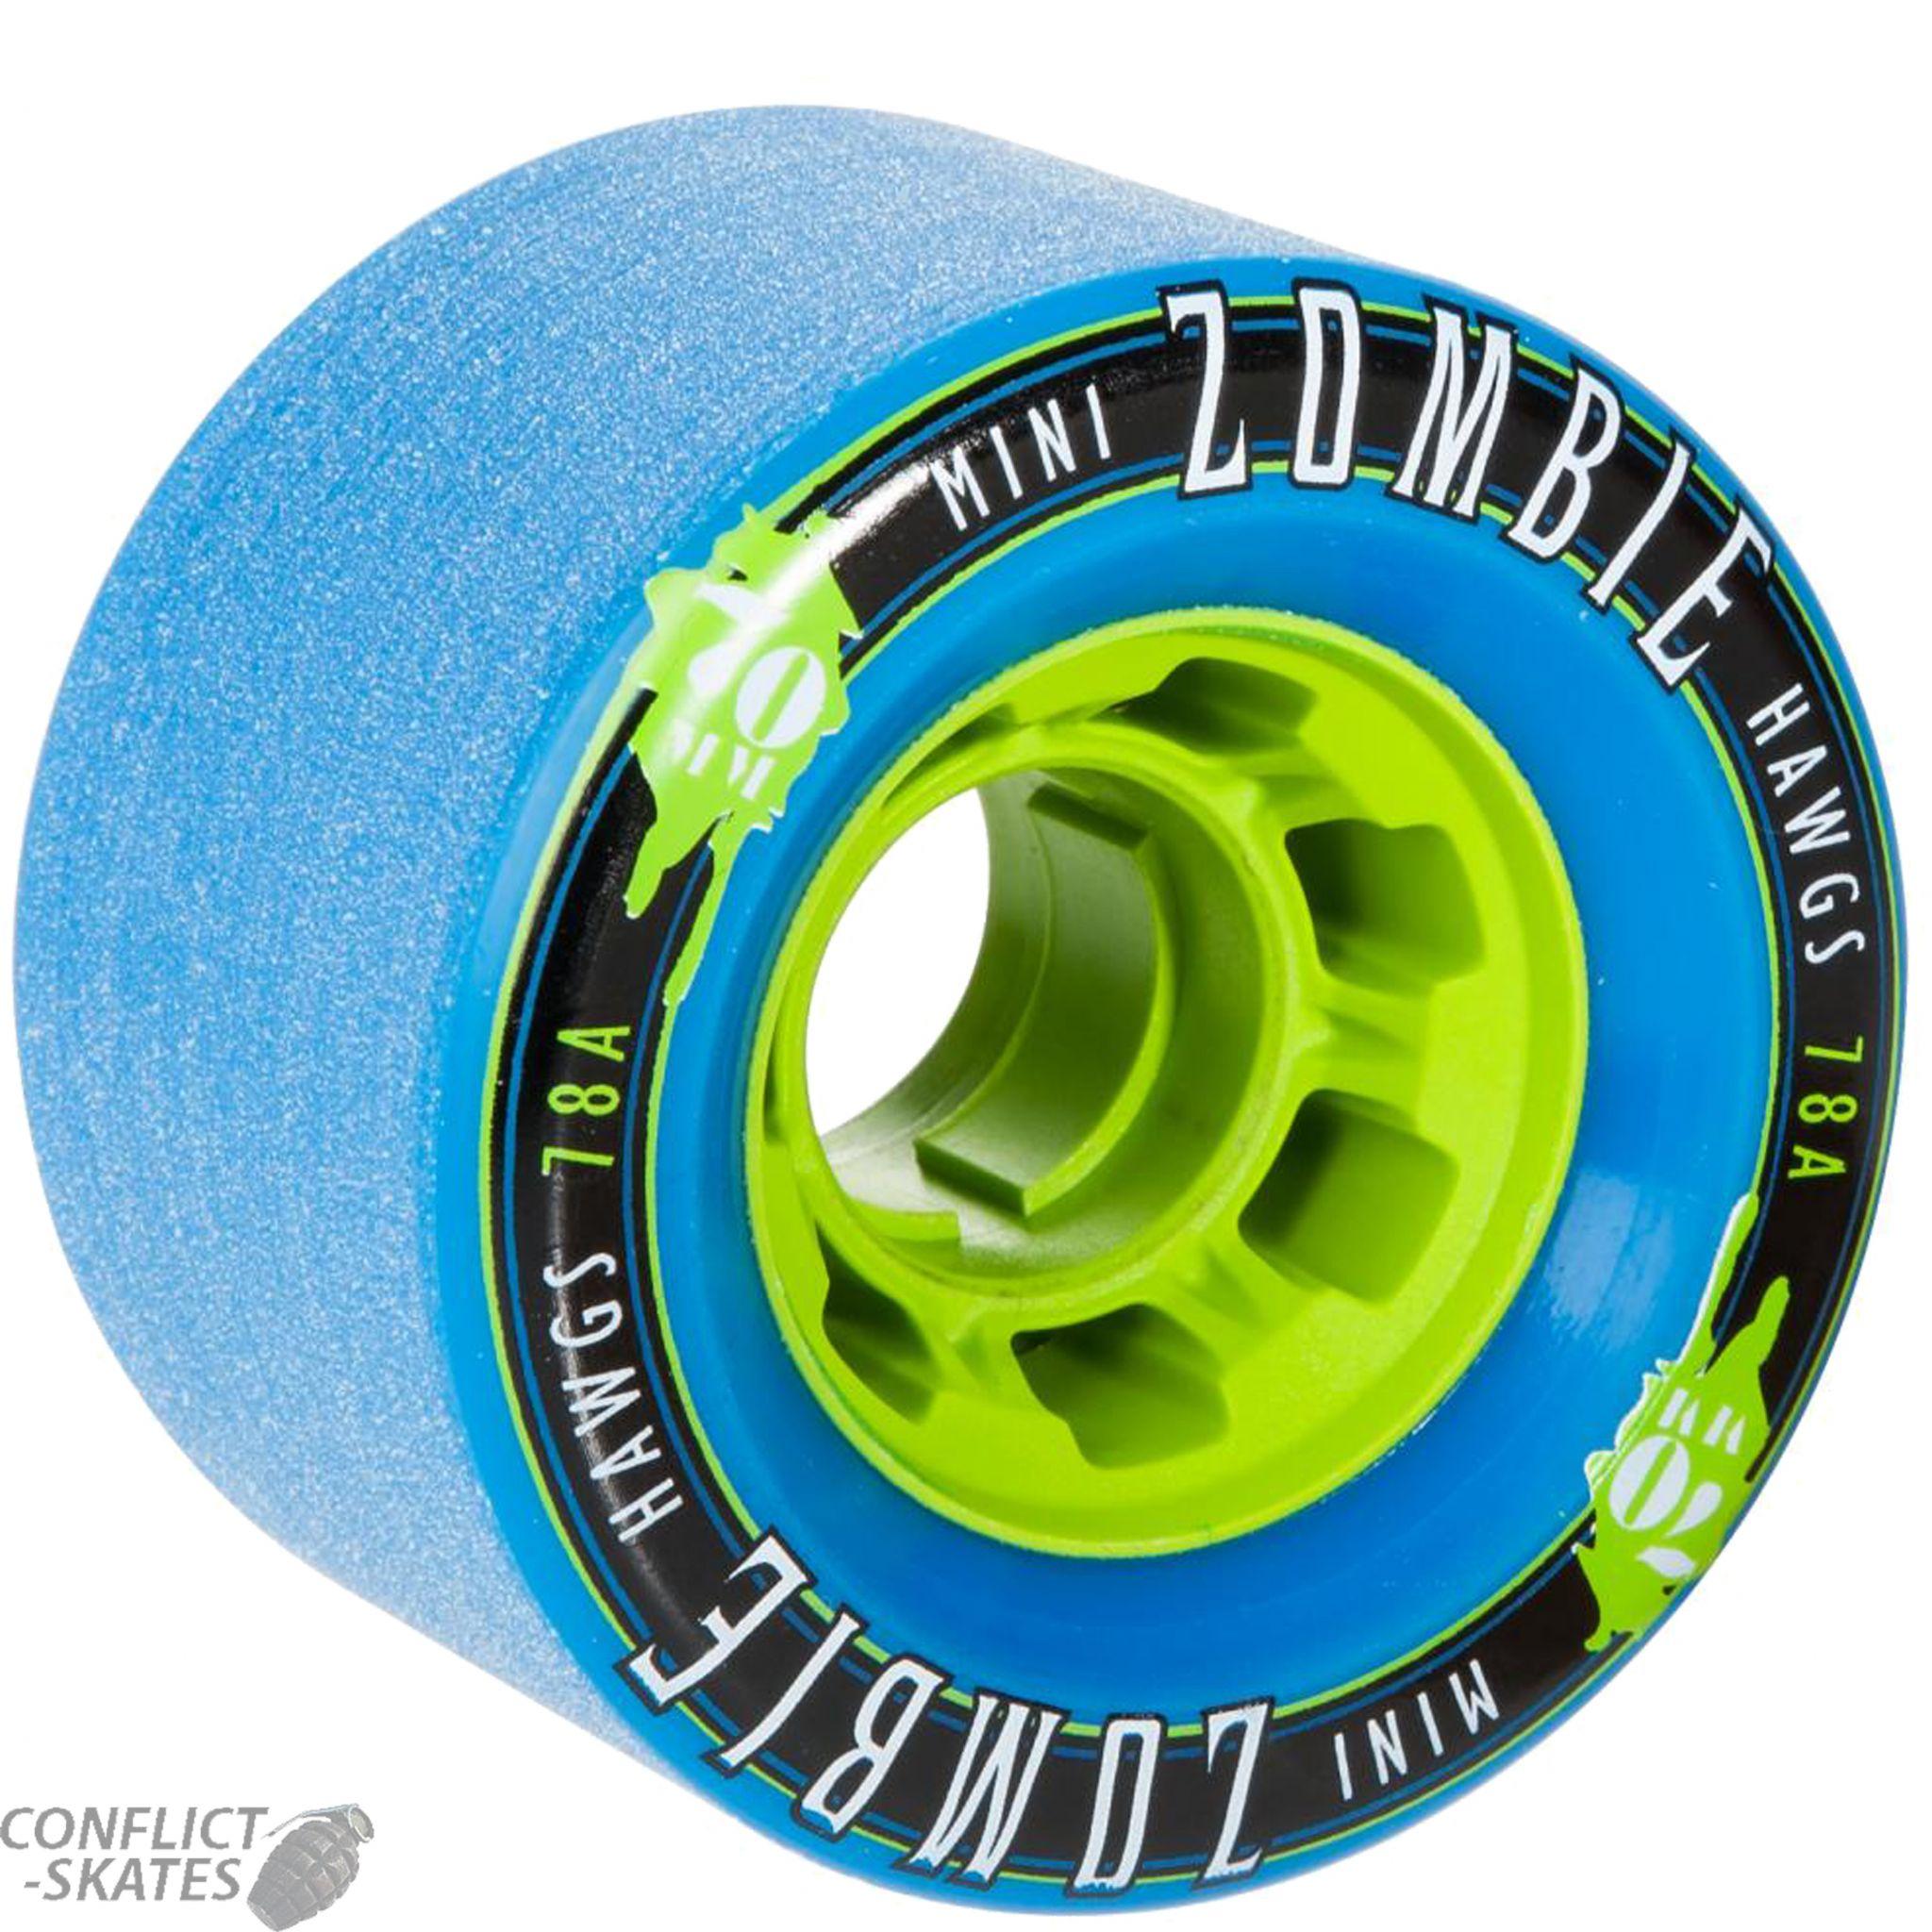 landyachtz-mini-zombie-hawgs-70mm-78a-blue-skateboard-wheels-slide-freeride-longboard-sale-15993-p